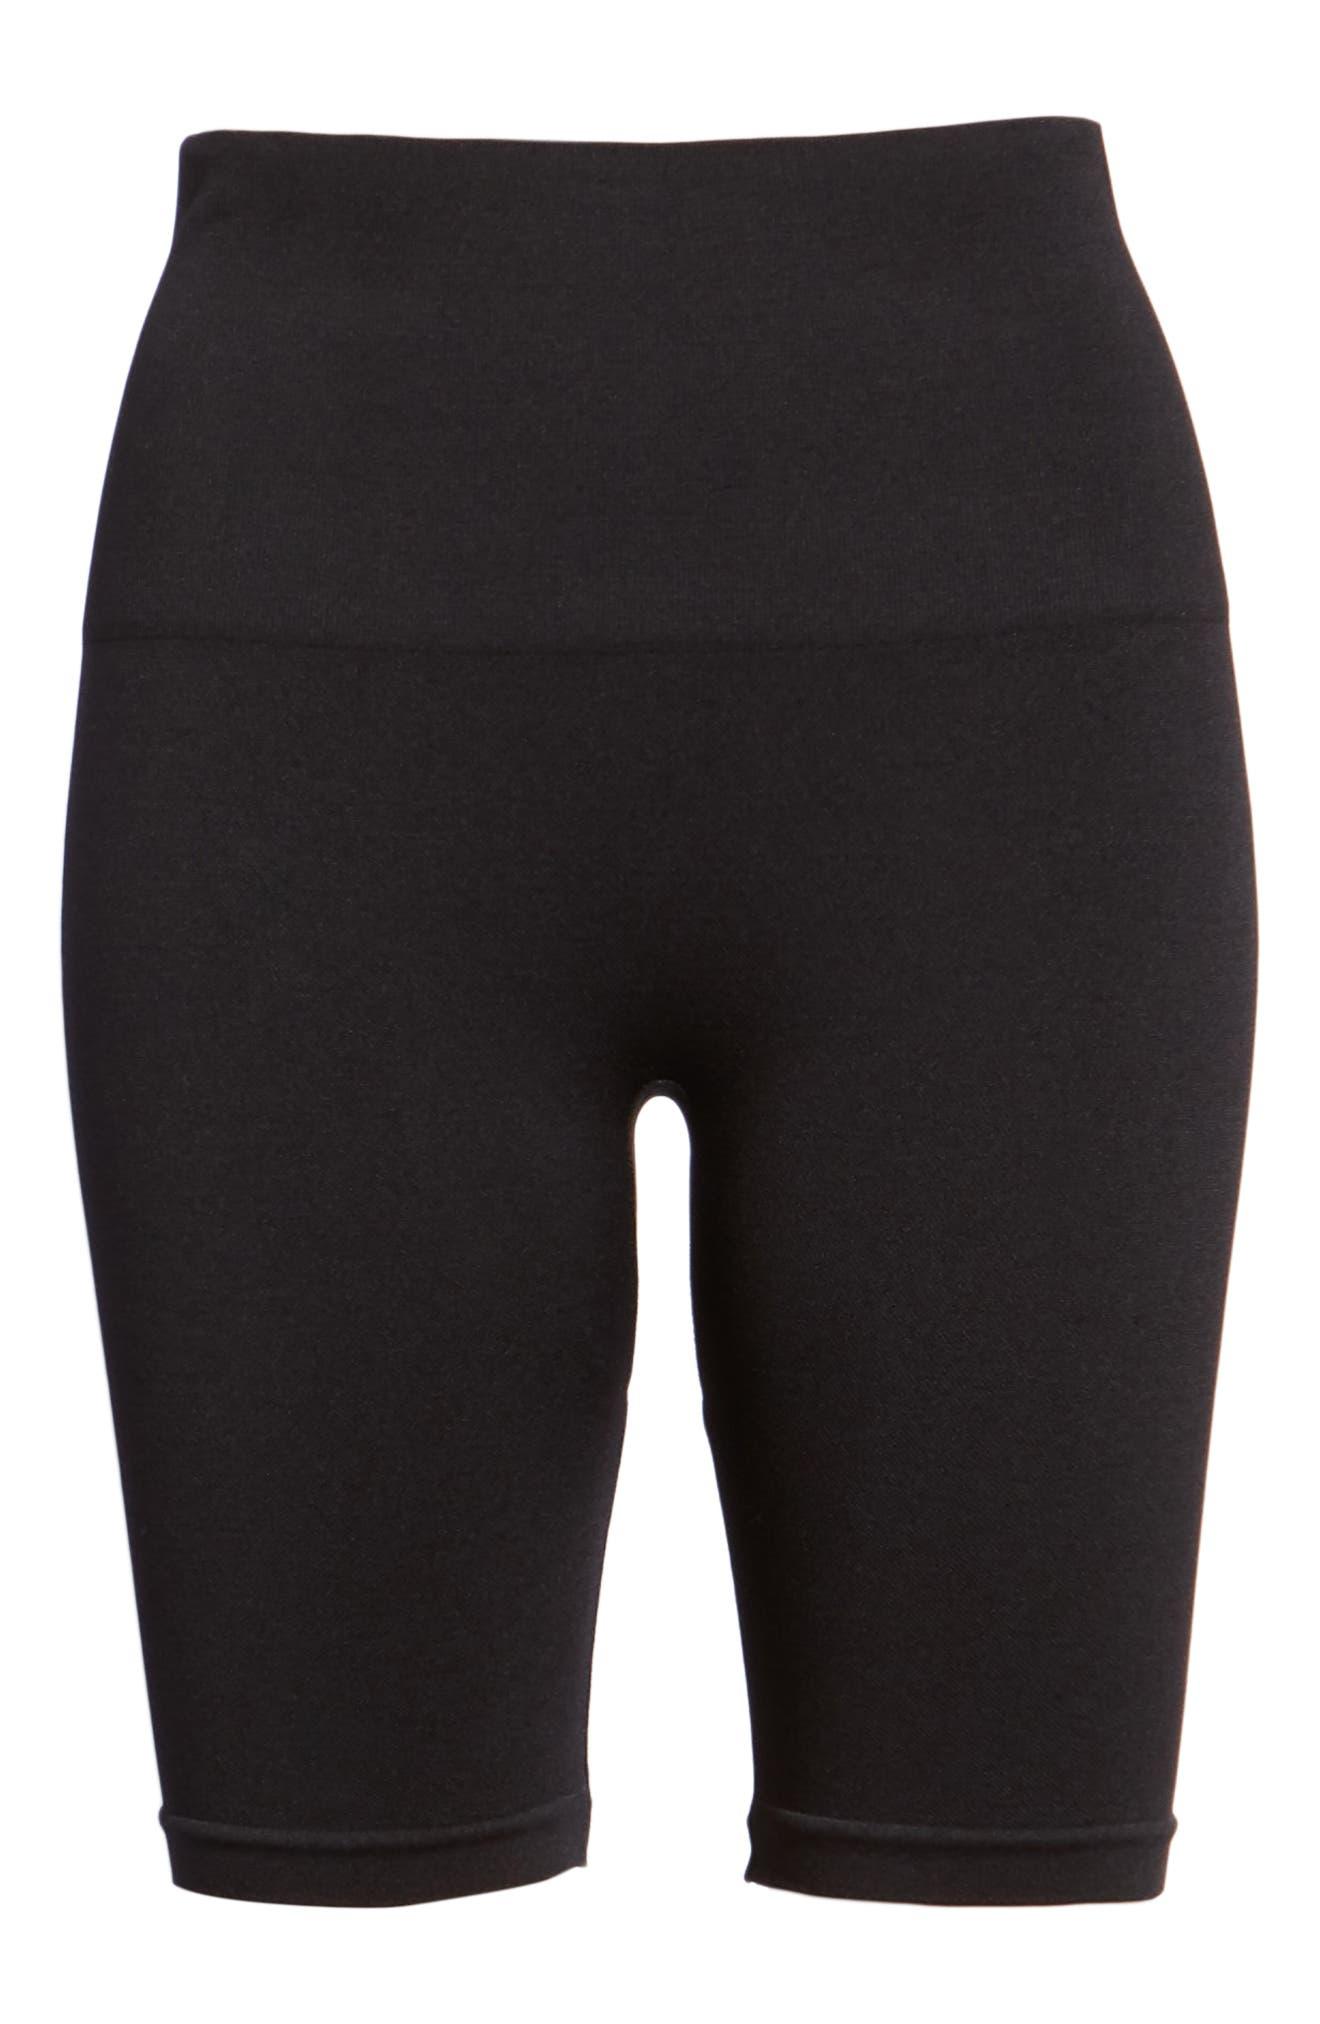 Seamless Bike Shorts,                             Alternate thumbnail 7, color,                             BLACK